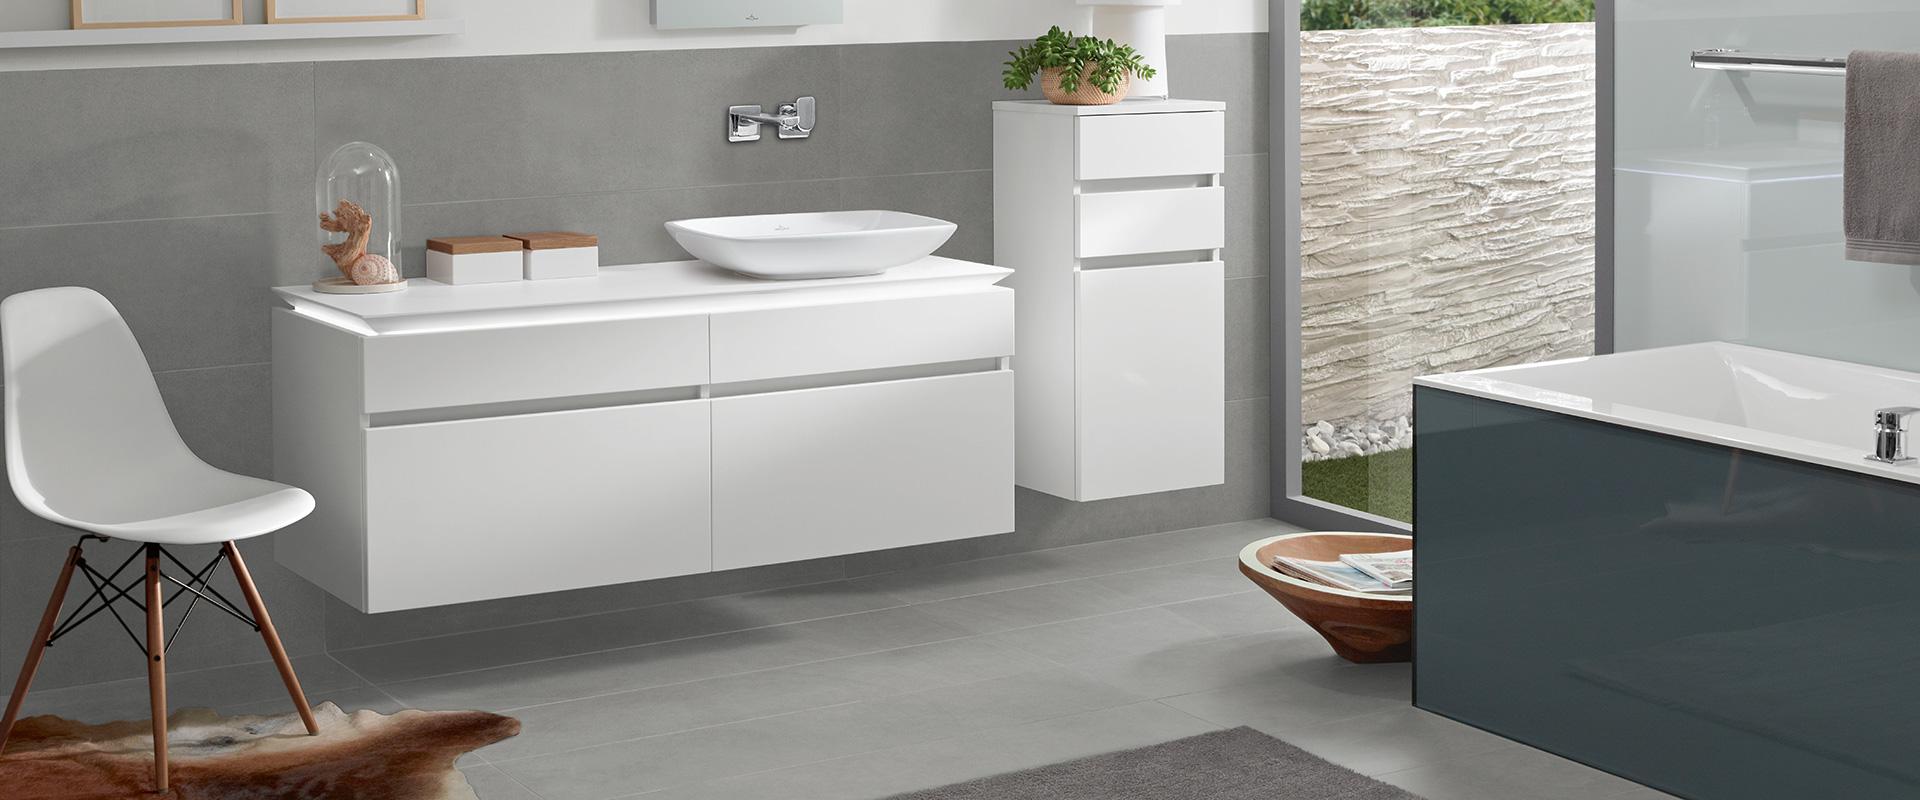 legato modern wooncomfort functioneel en veelzijdig. Black Bedroom Furniture Sets. Home Design Ideas